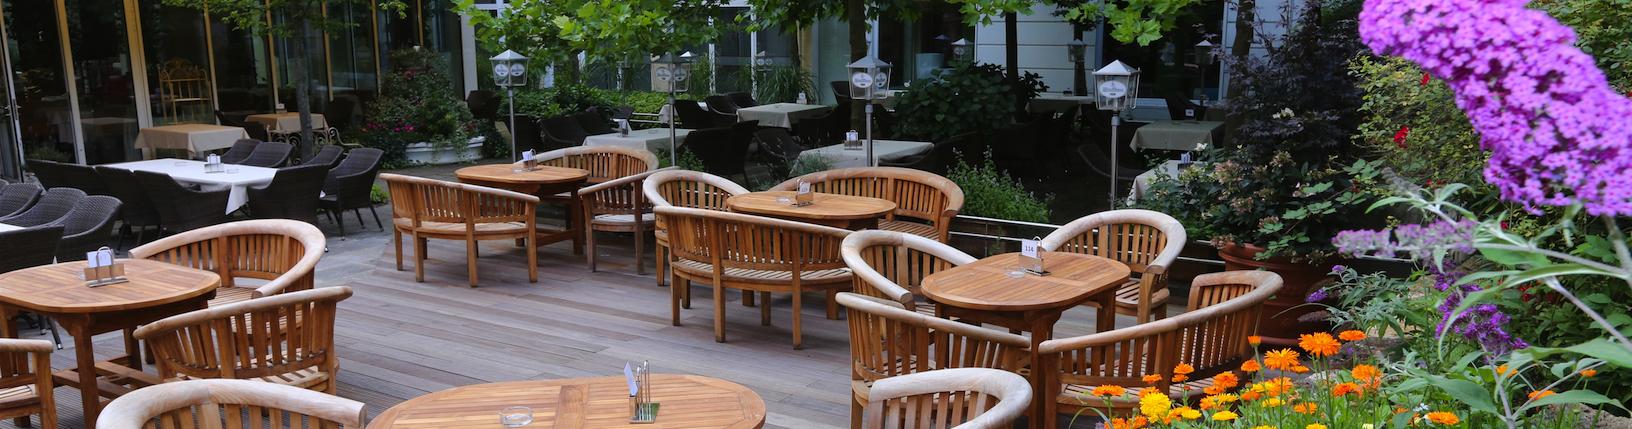 cafe-felsengarten